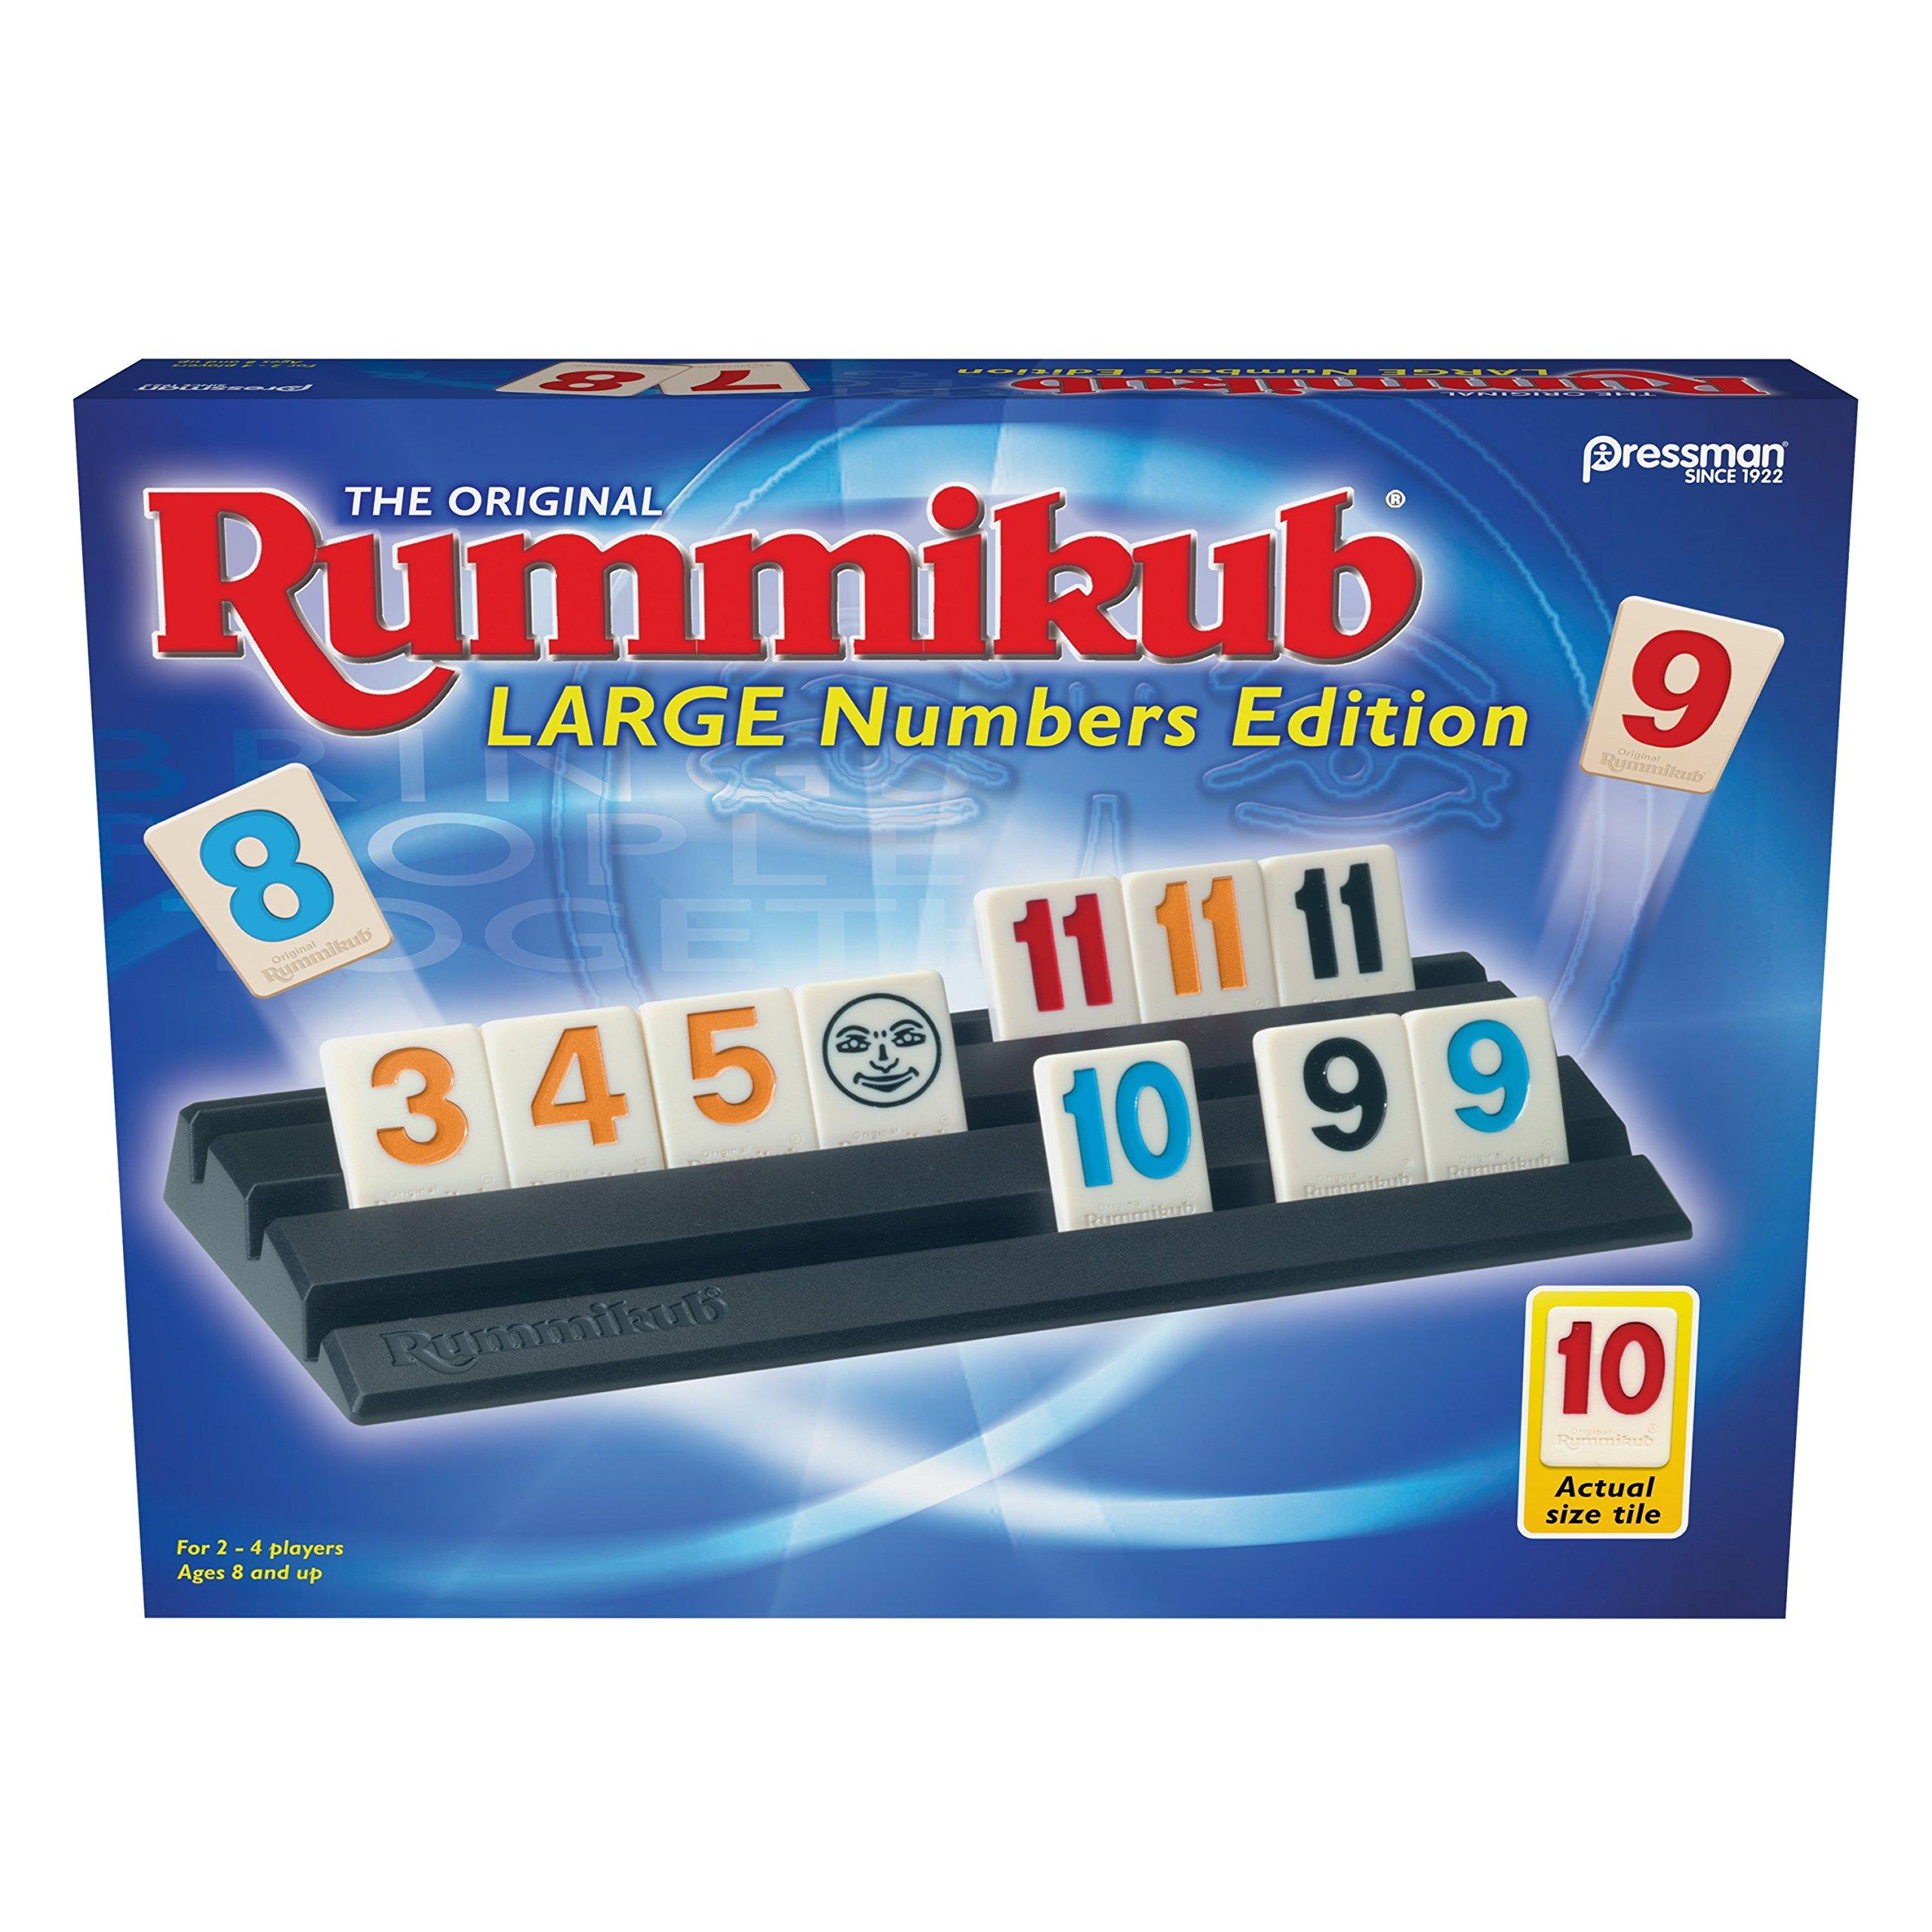 Pressman Rummikub Large Number Edition by Pressman